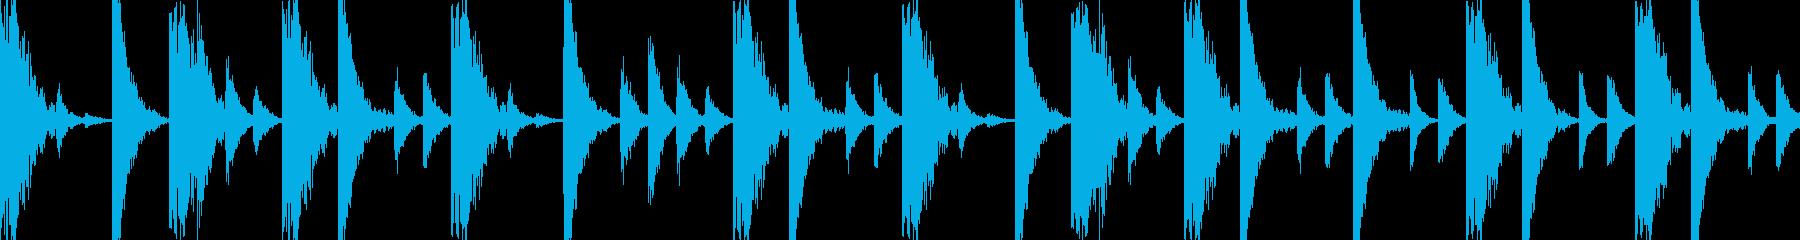 ドラムンベースのリズムループパターン06の再生済みの波形